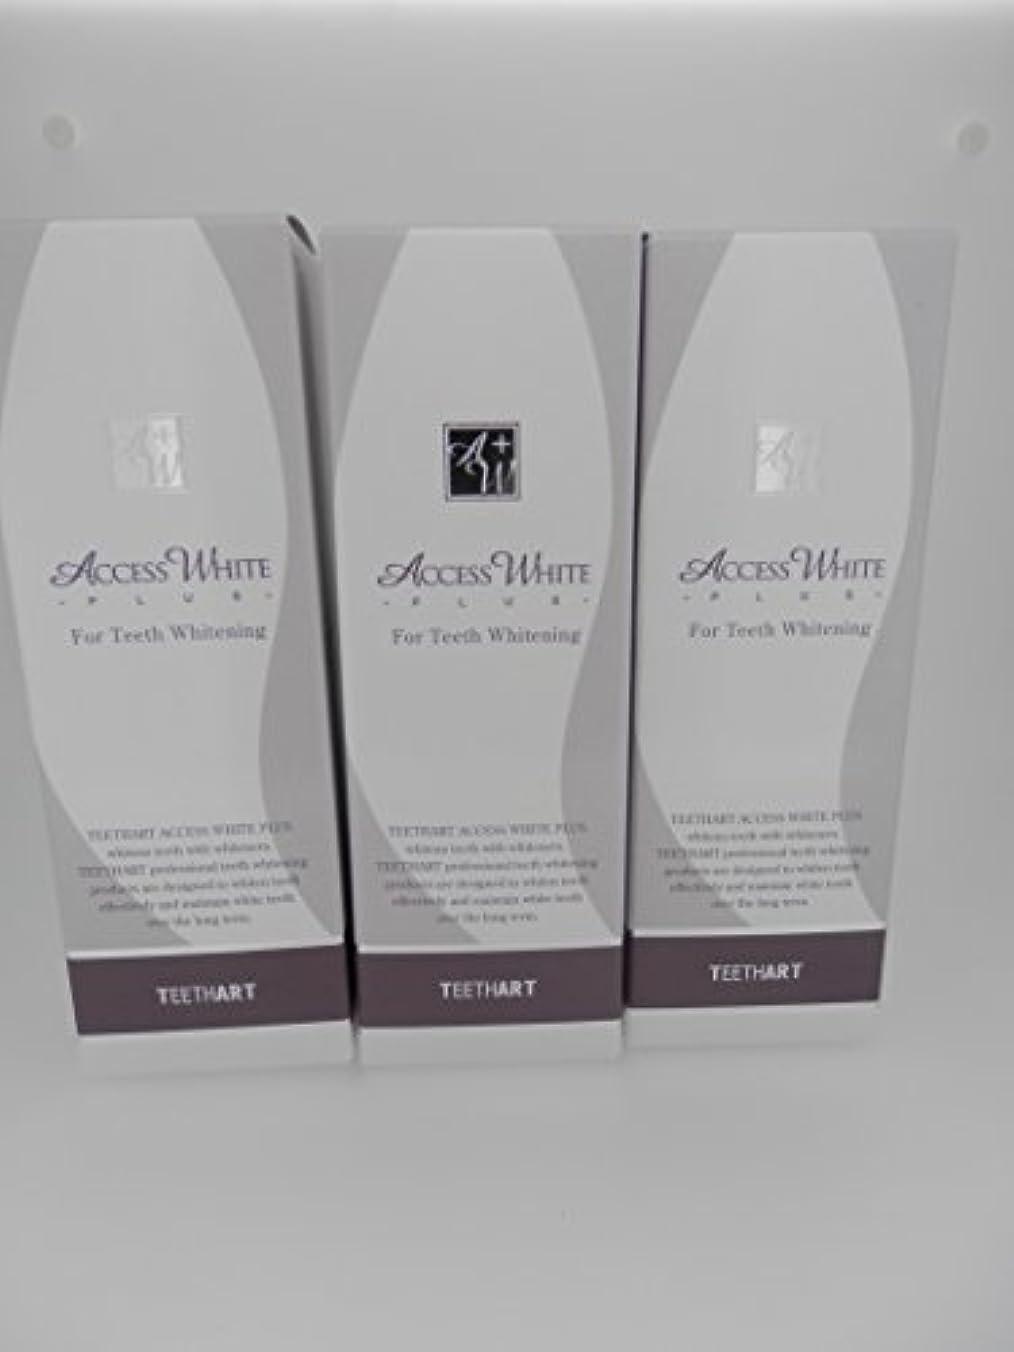 バタフライ放映暗いTEETHART(ティースアート) アクセスホワイトプラス ローズミントハーブタイプ 3本セット